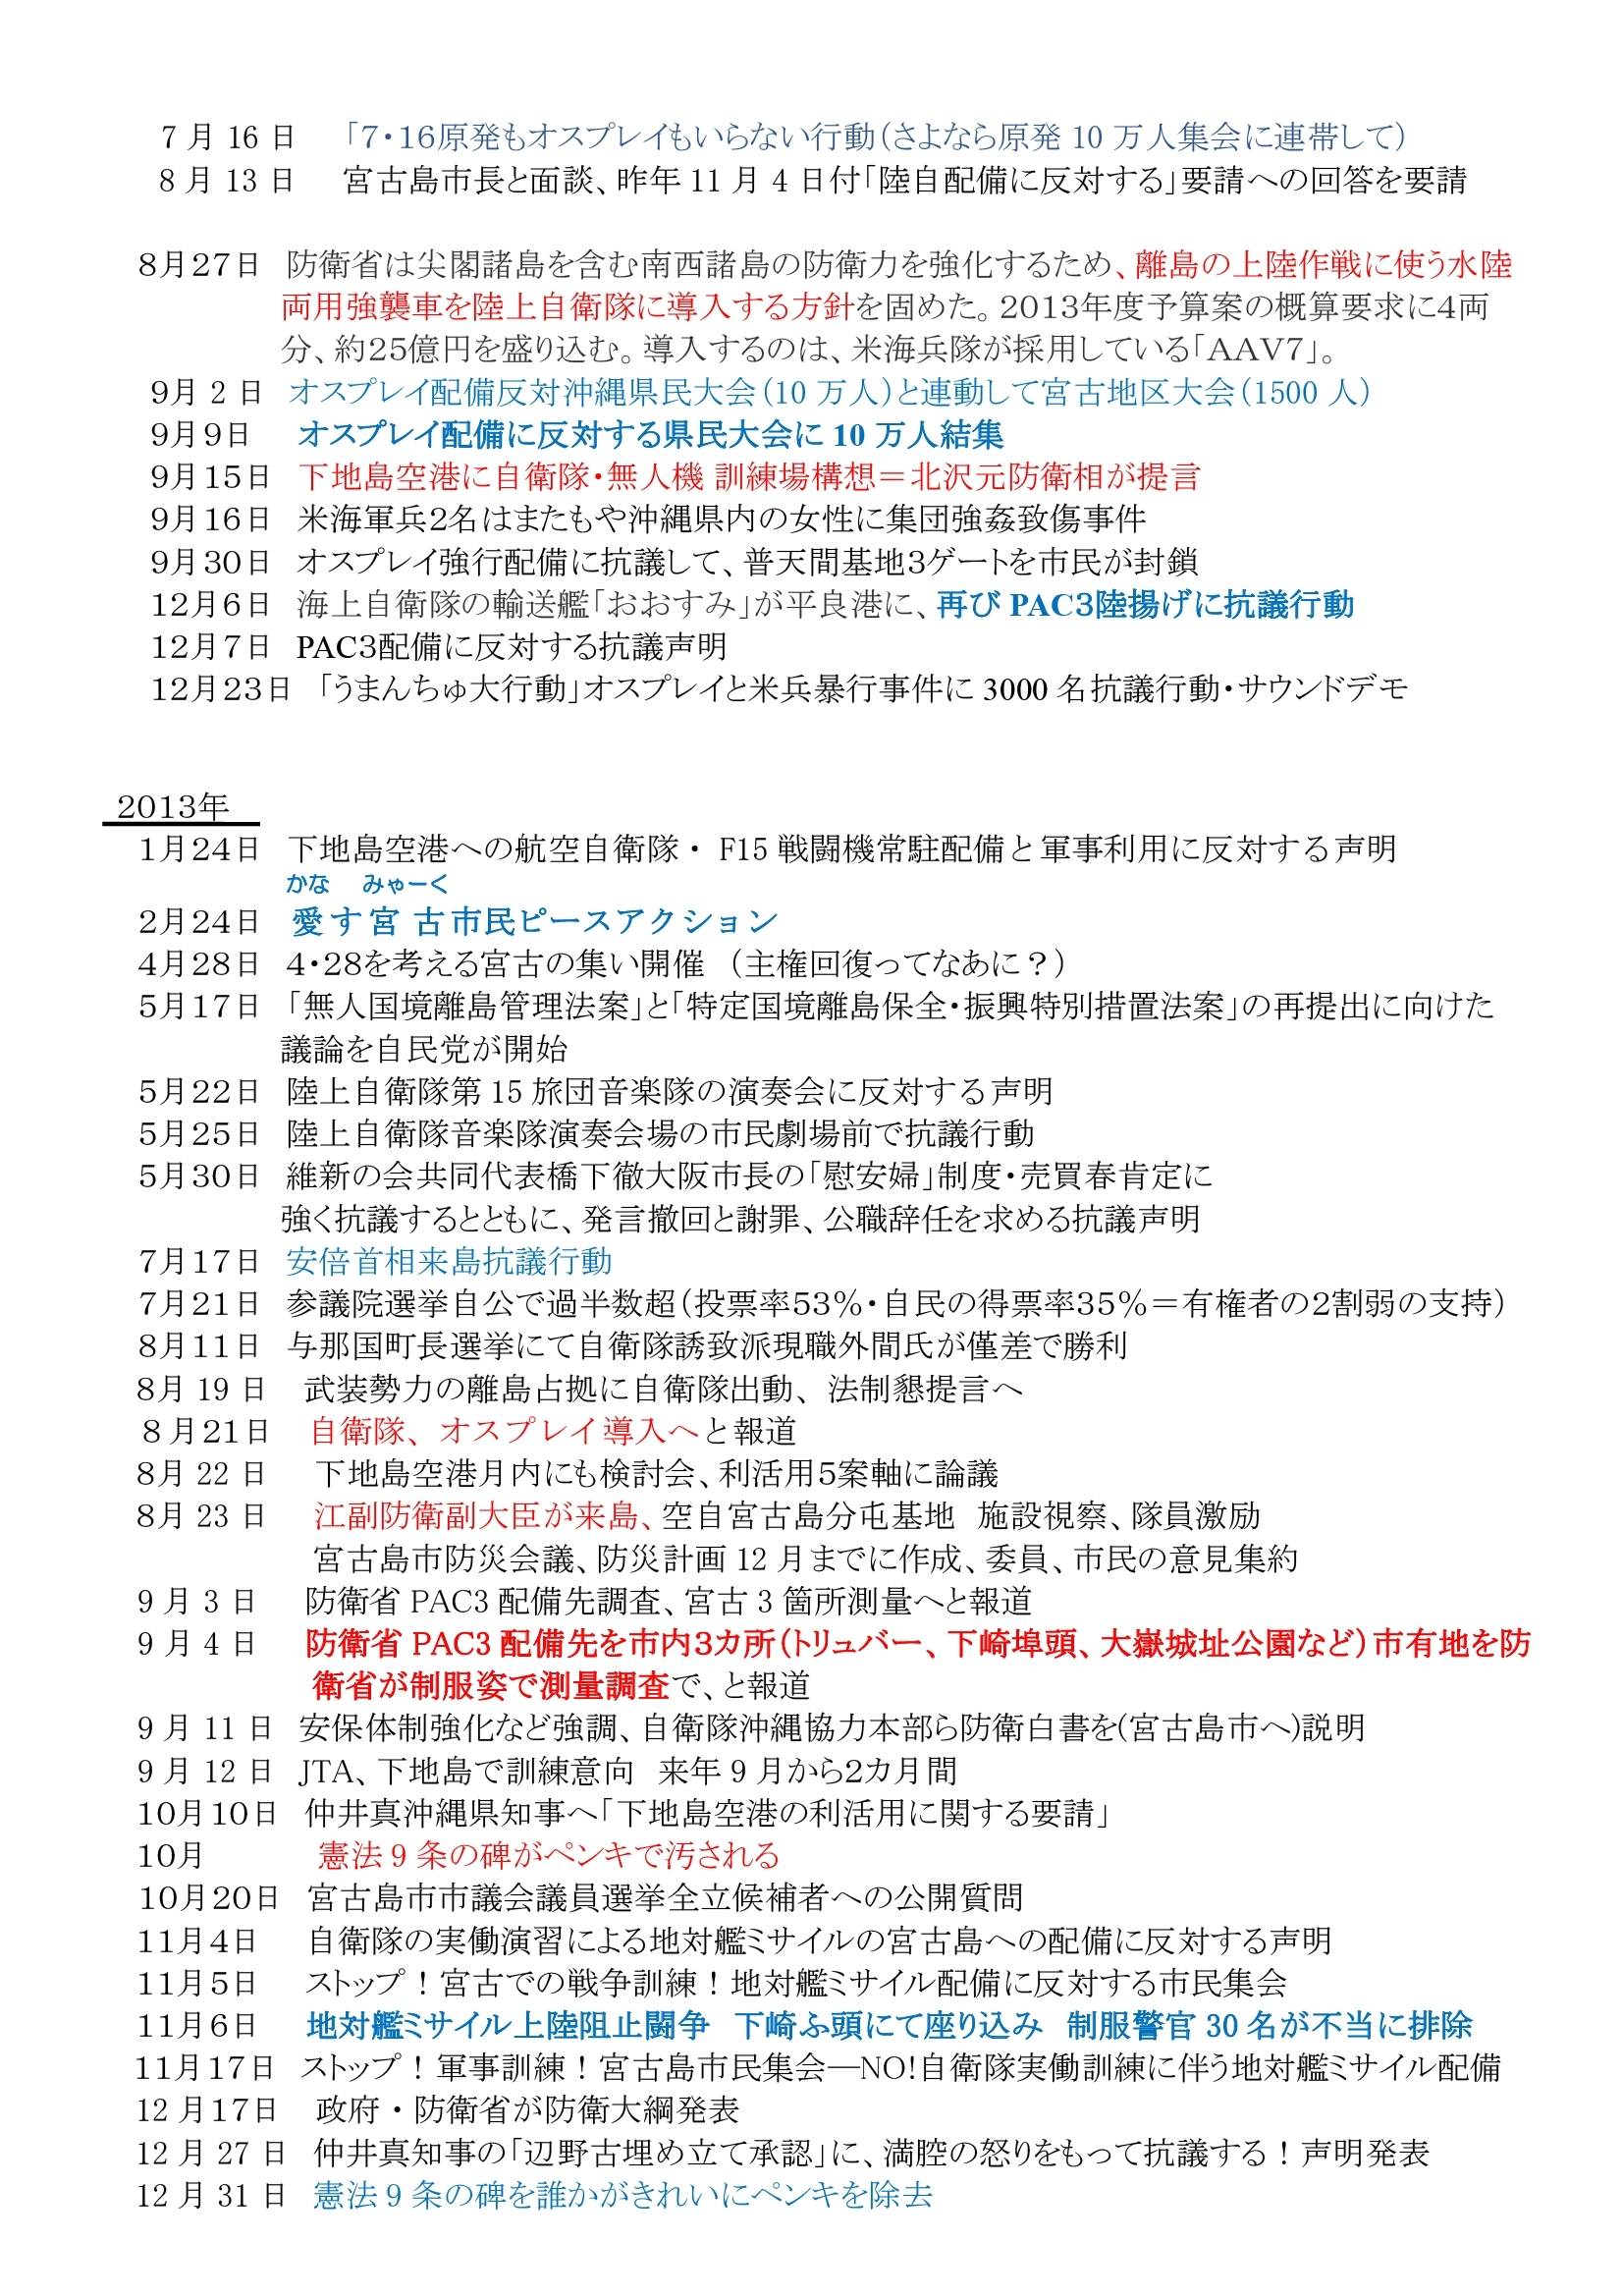 年表:宮古島における反軍反基地の闘い2010~2019 (1)0003